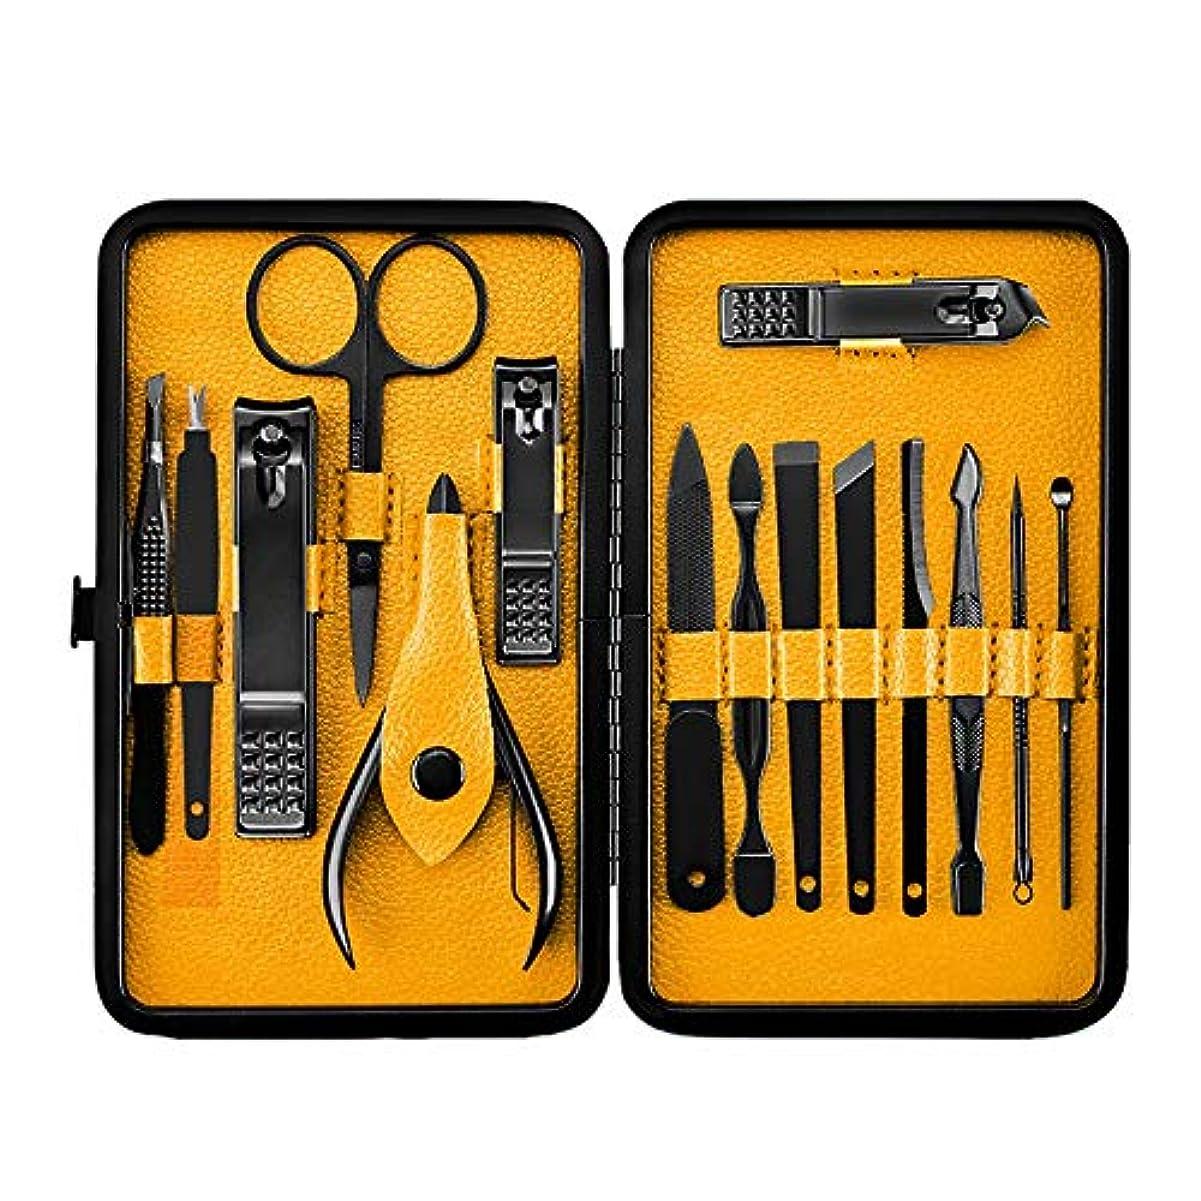 ステレオピアニストオーナメントRETYLY 15ピース、プロフェッショナル、マニキュア、ステンレス鋼製ネイルのクリッパー、爪切り、はさみのセット、キット、マニキュアのセット、ネイルのツール、ネイルアートのツール